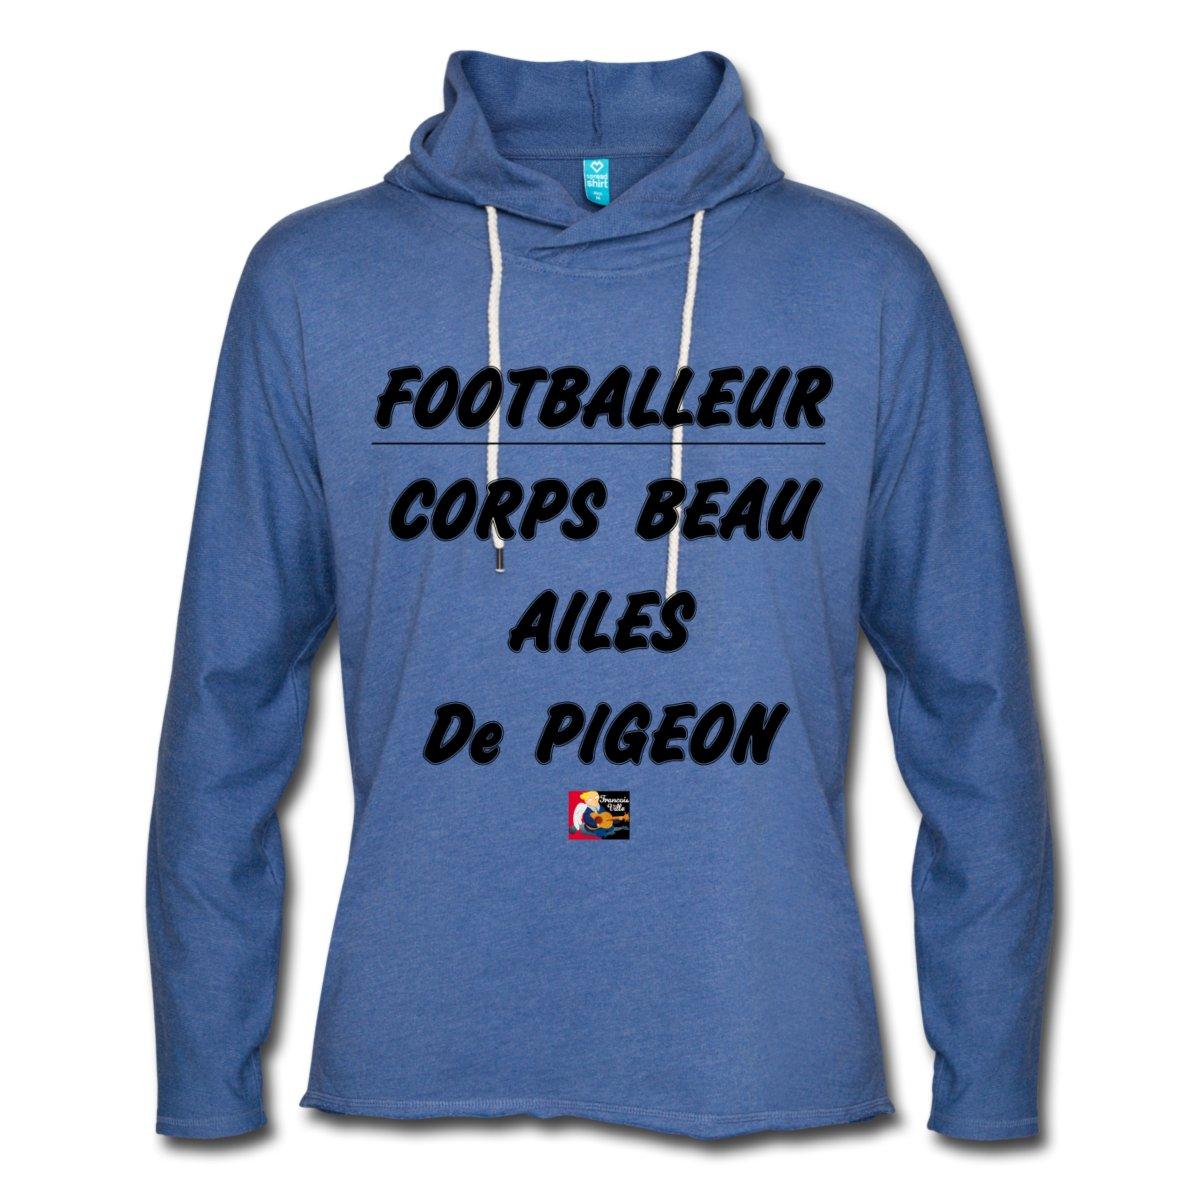 FOOTBALLEUR : CORPS BEAU, AILES de PIGEON, cadeau à offrir ici : https://shop.spreadshirt.fr/jeux-de-mots-francois-ville/129287438?q=I129287438#OMAtletico #Ocampos #Zambo #OMATH #Griezmann #Payet #BounaSarr #ValèreGermain #OMATL #GroupamaStadium #football #punchline #parodie #slogan #humour #citation #jeuxdemots #tshirt #proverbe  - FestivalFocus